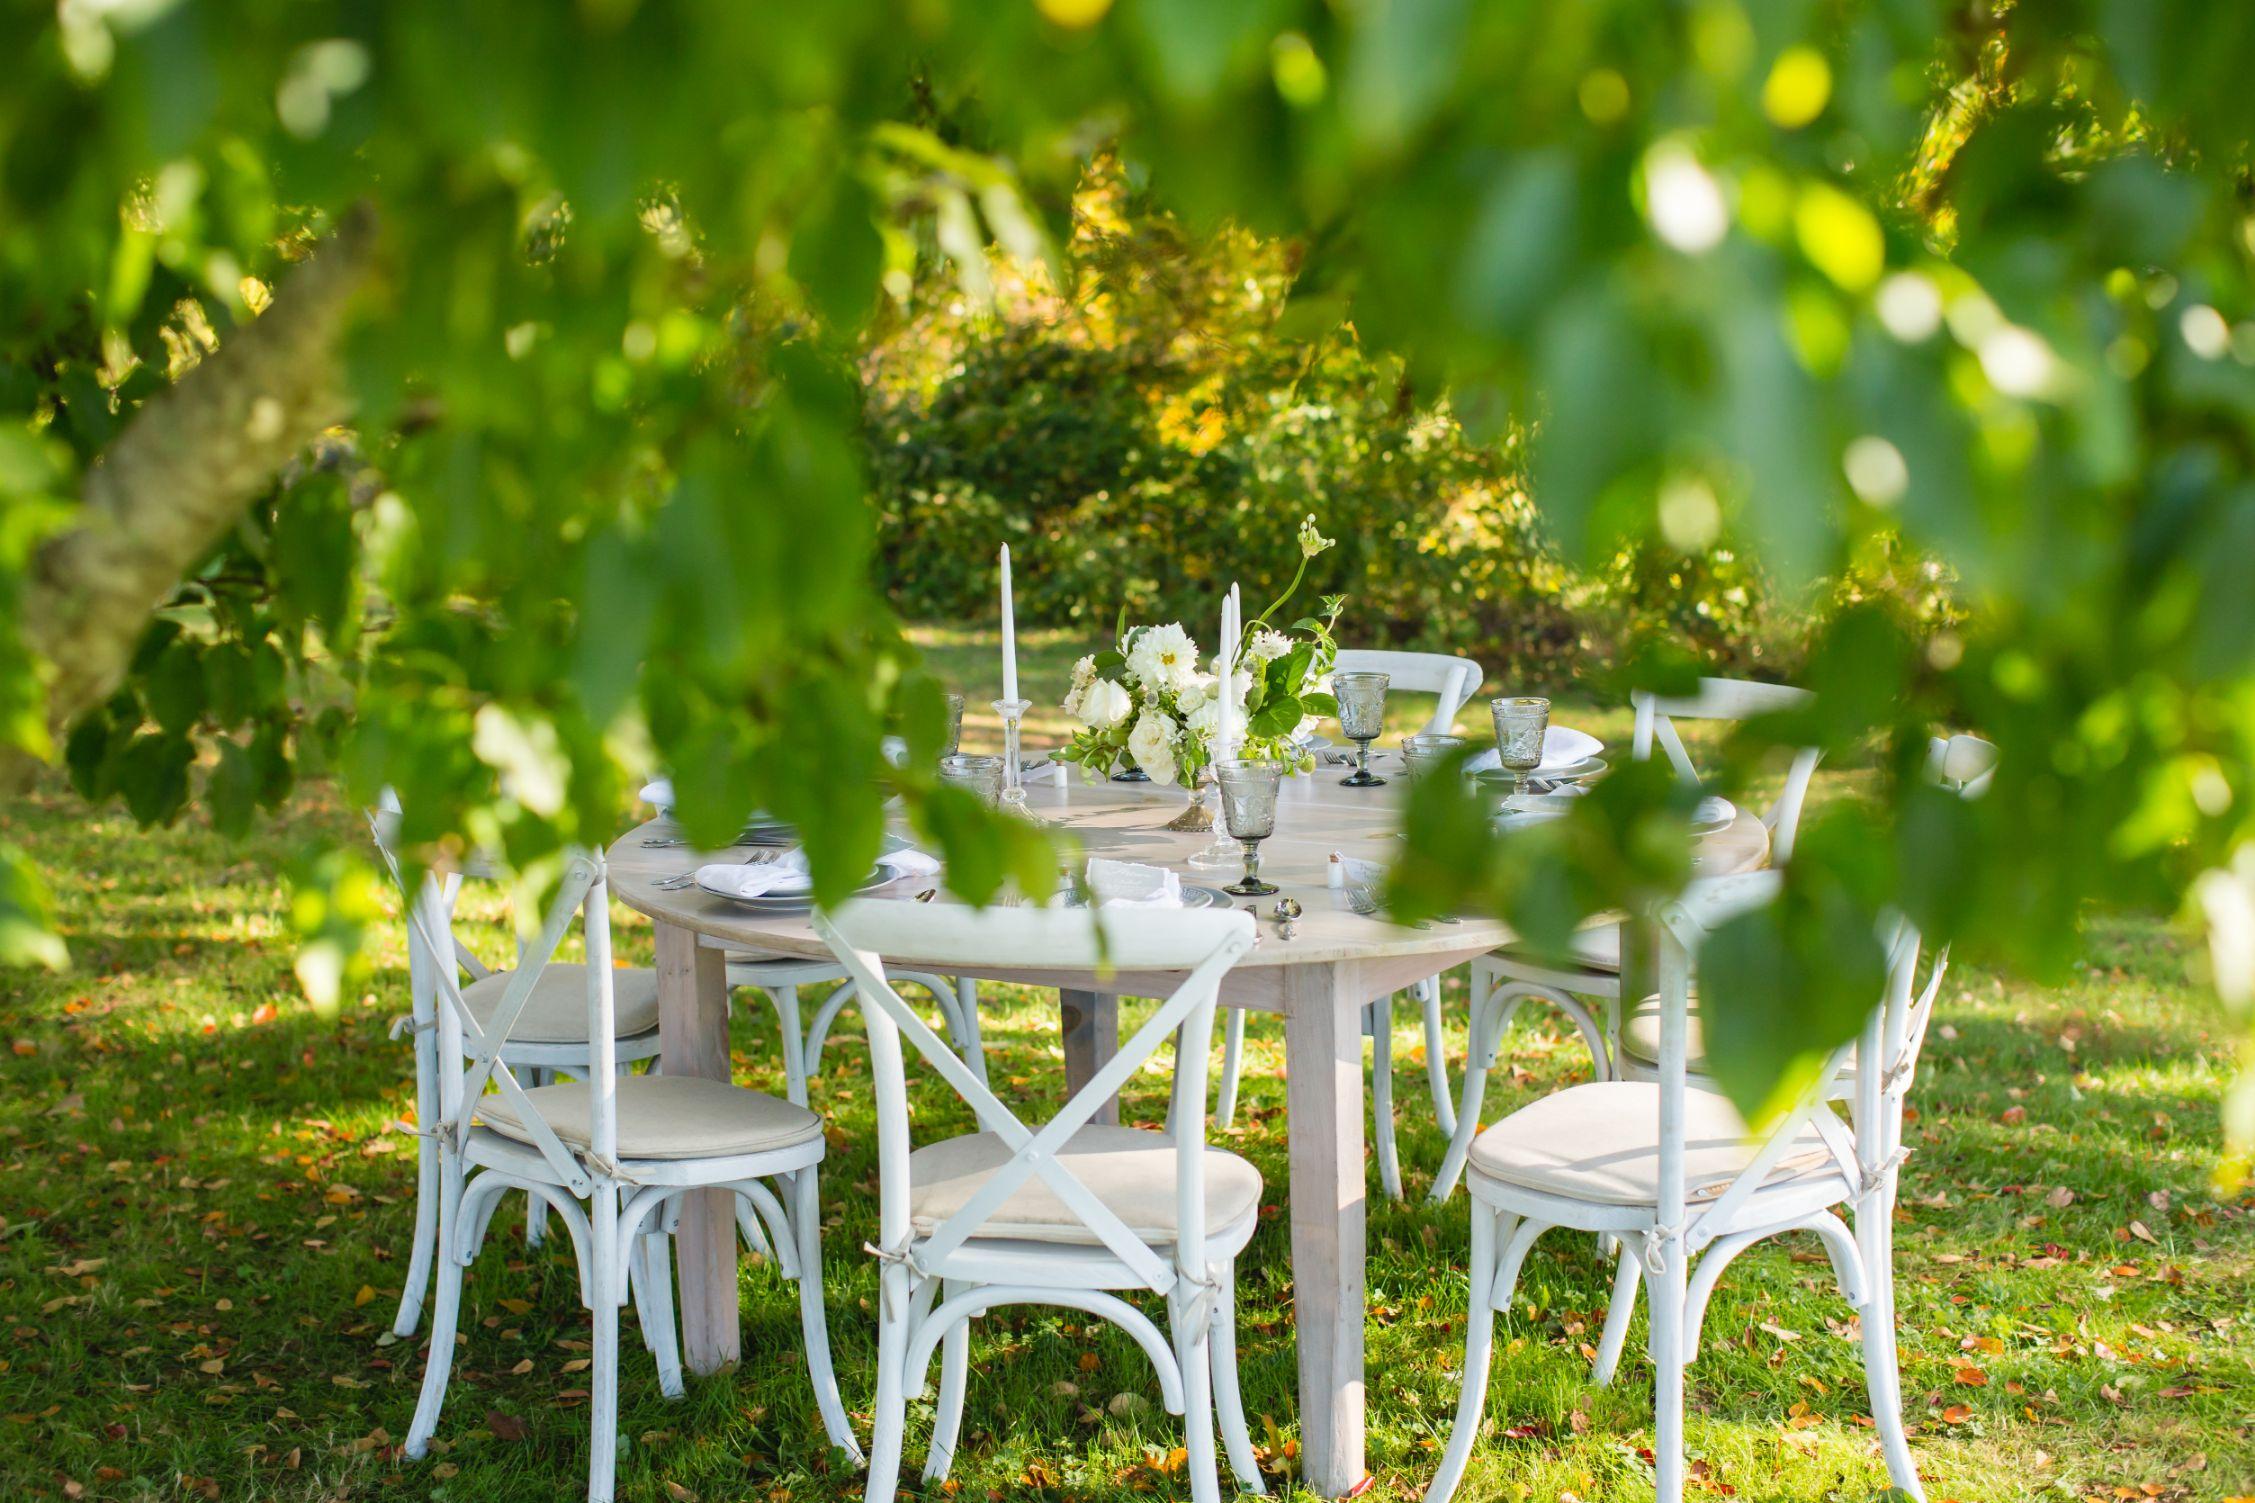 elevated-locale-bourne-farm-falmouth-wedding-daylynn-designs159.jpg